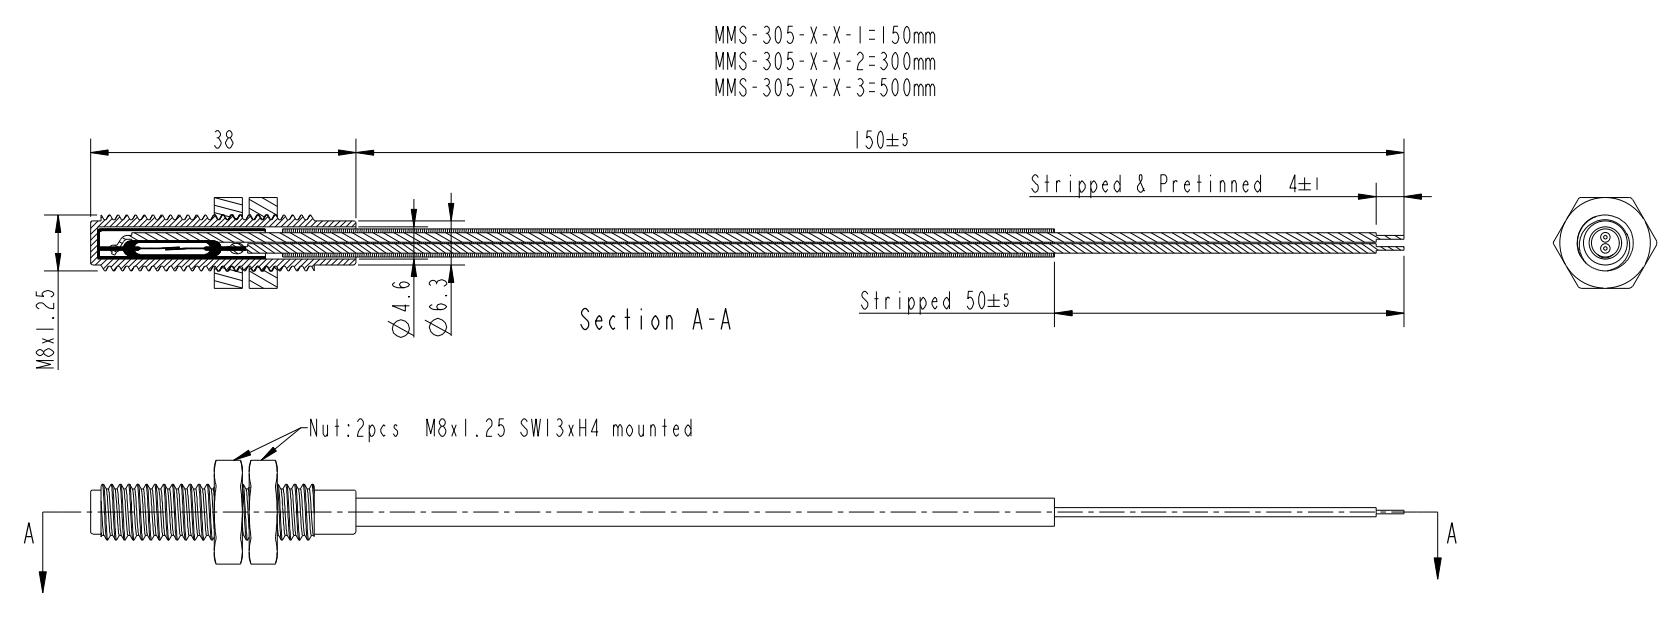 Reedsensor M8 Gewinde MMS-305